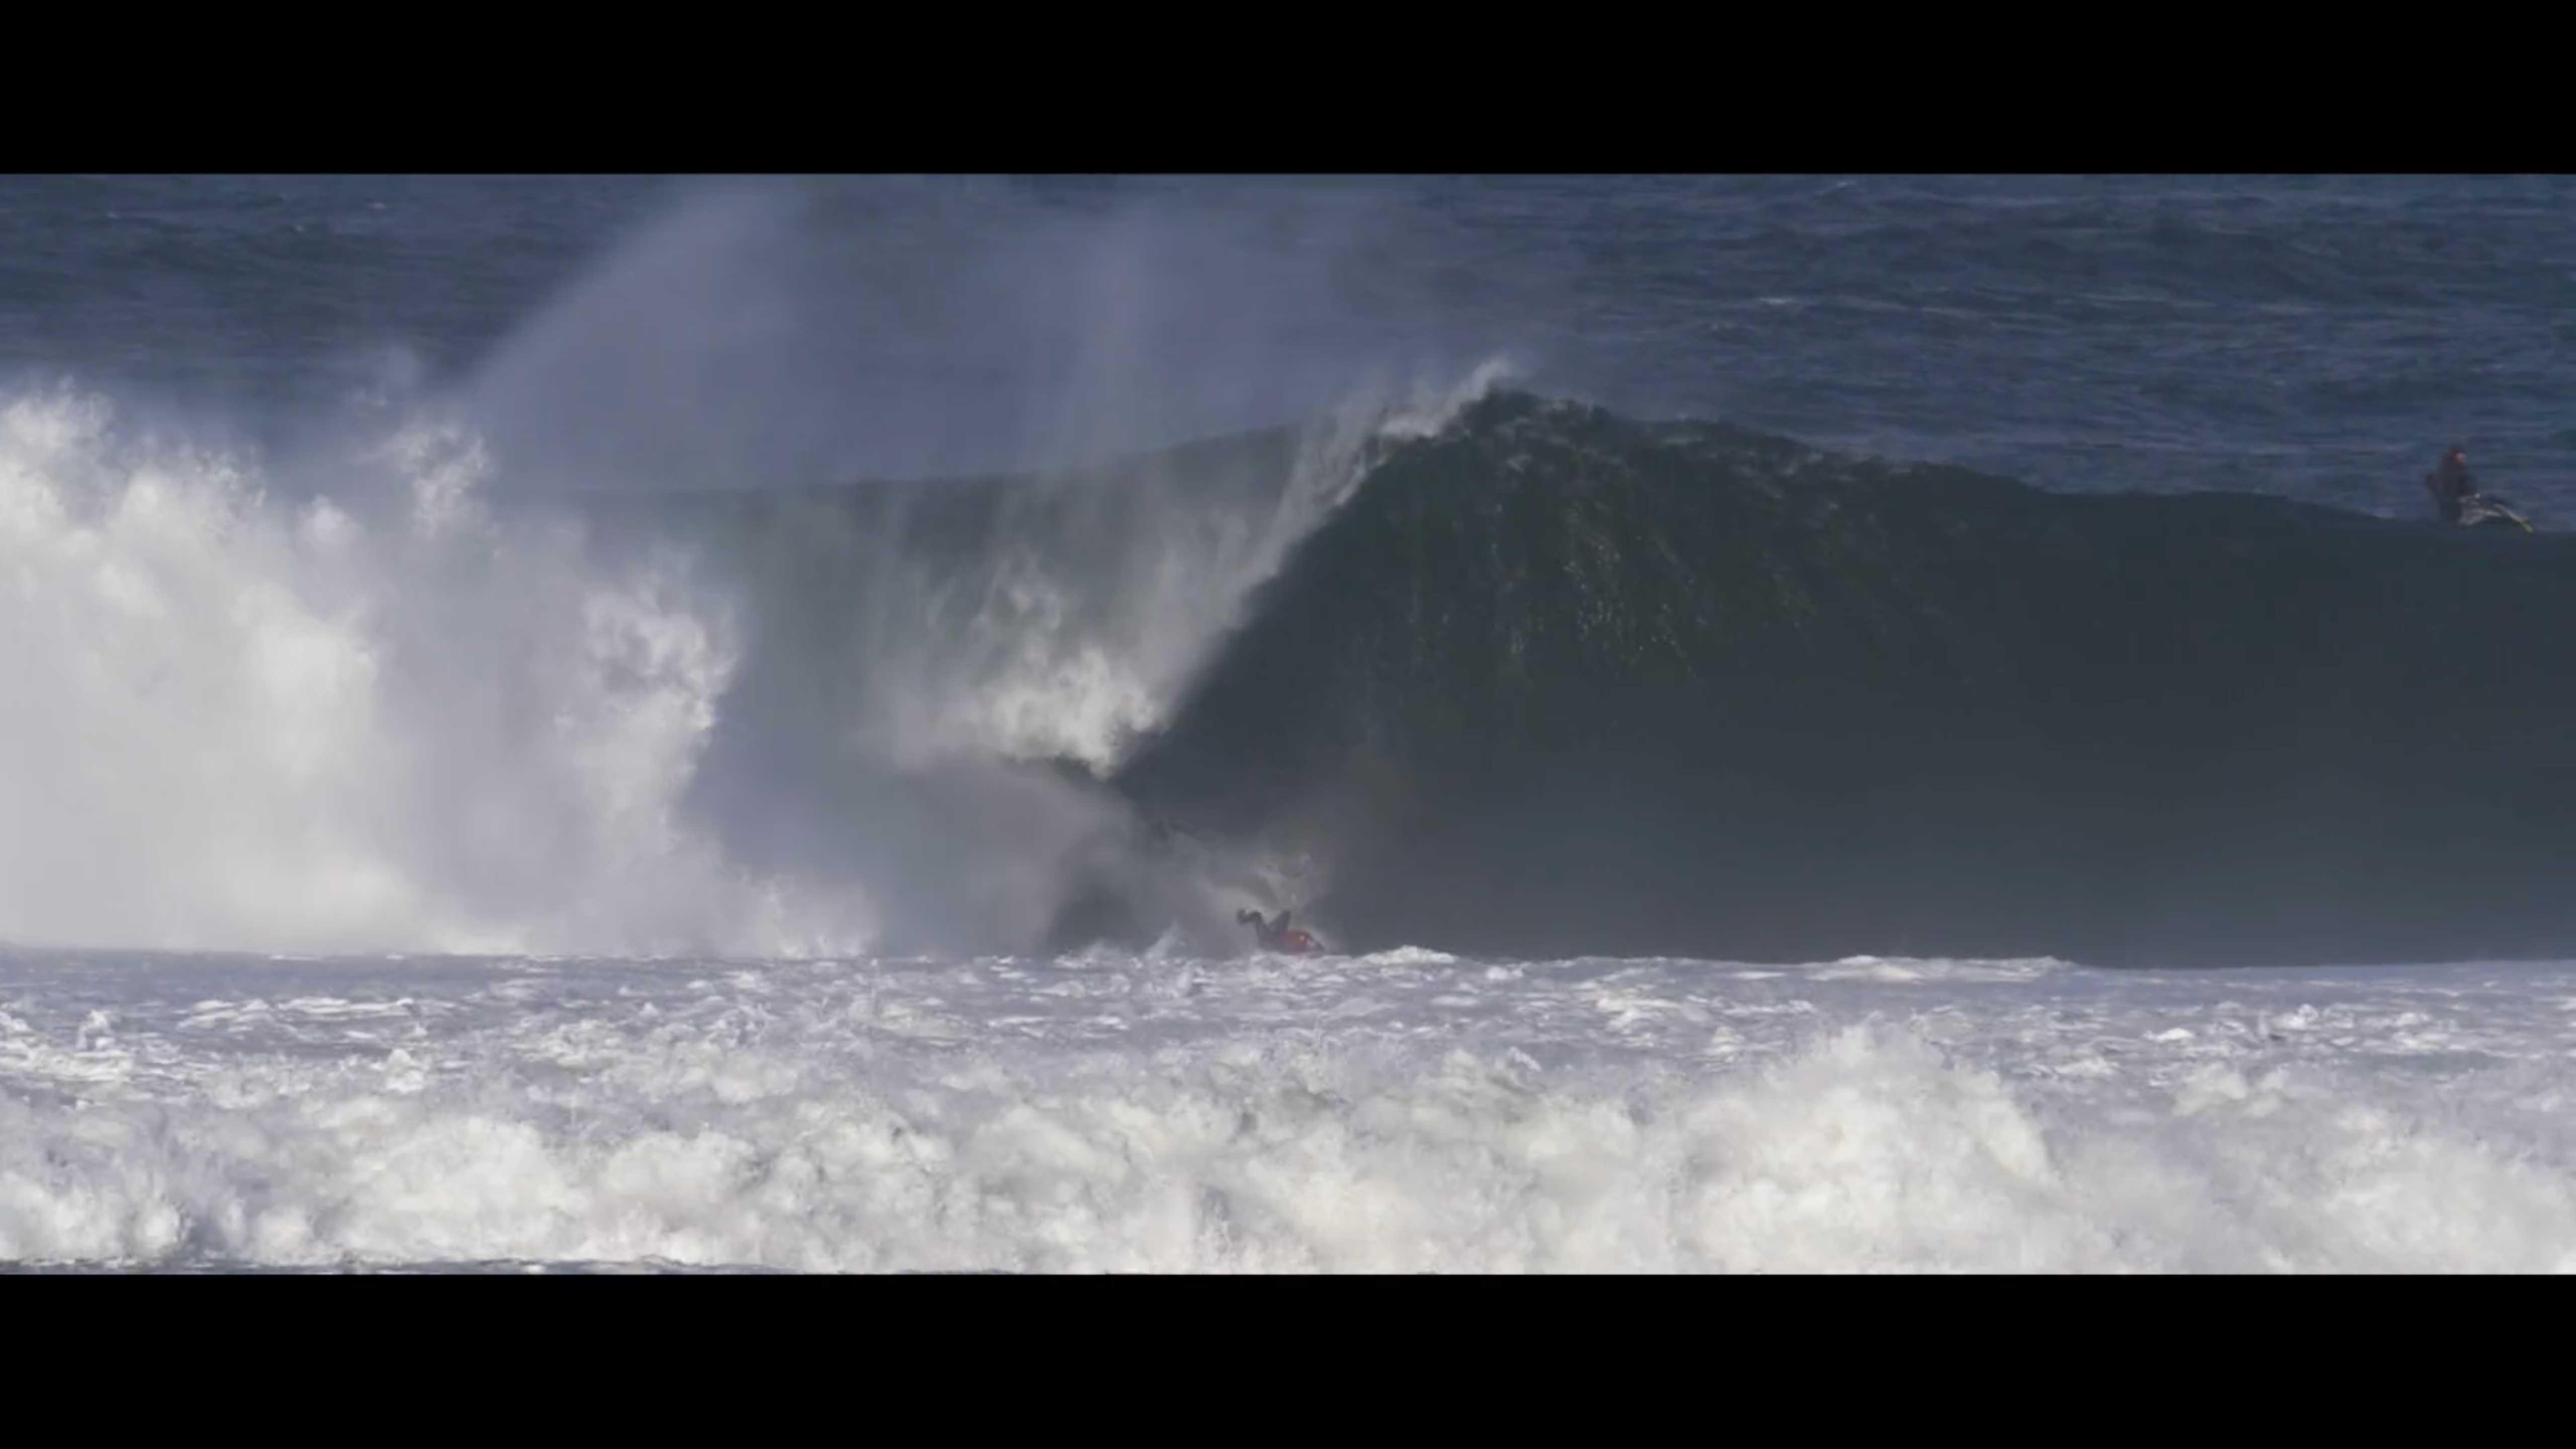 Na, wer hätte jetzt Lust mit dem Surfer den Platz zu tauschen?